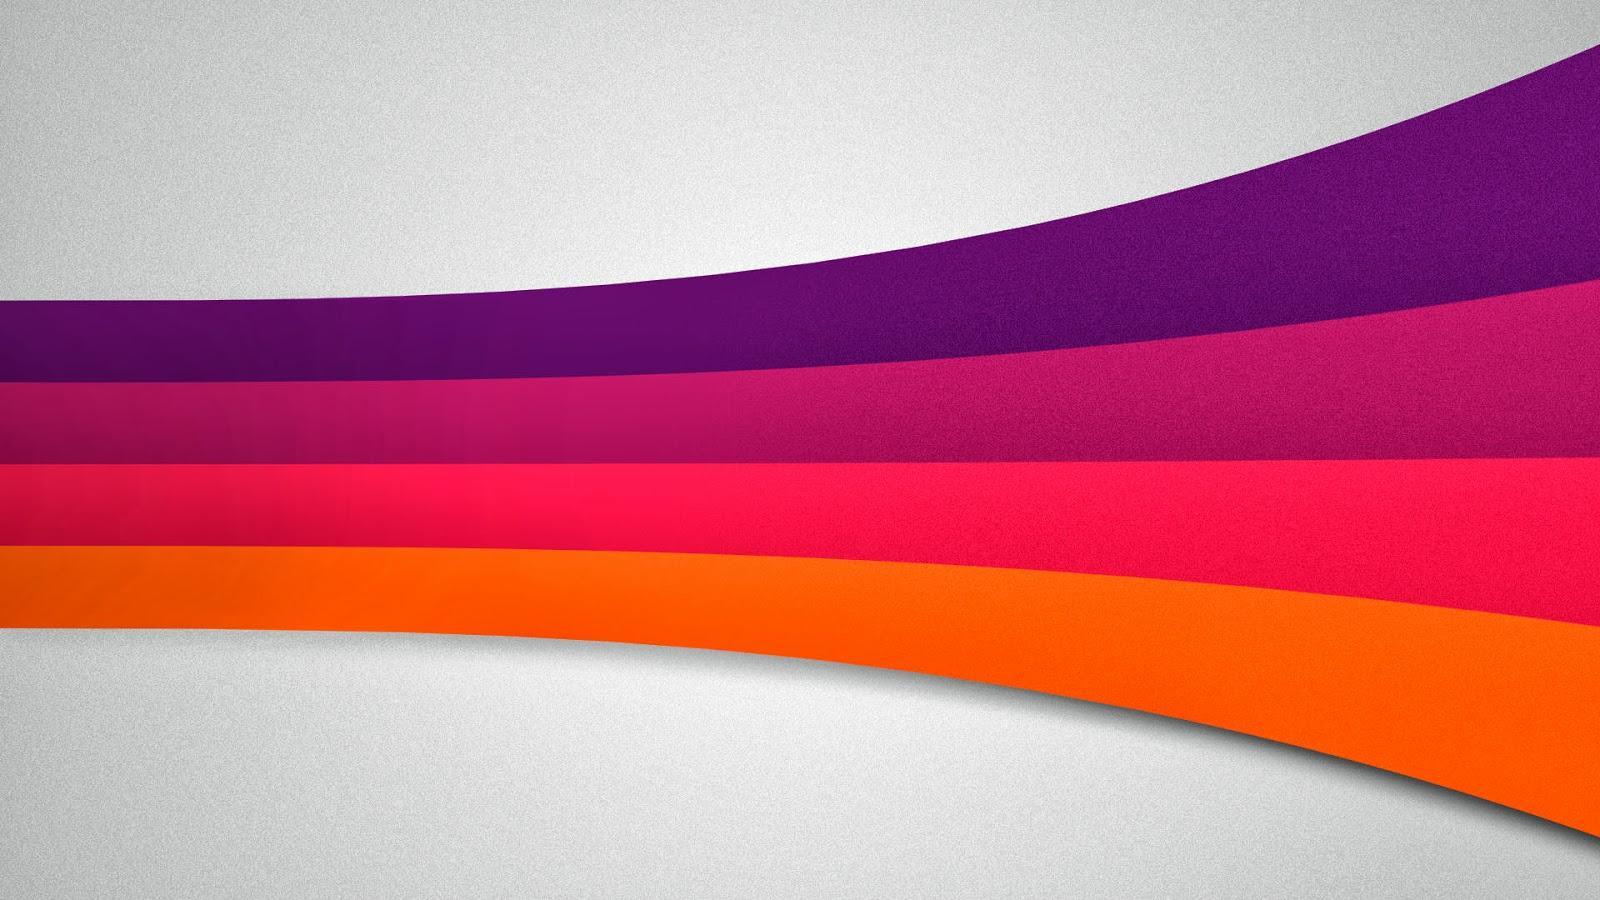 Fondos Abstractos De Colores: Imagenes Hilandy: Fondo De Pantalla Abstracto Lineas